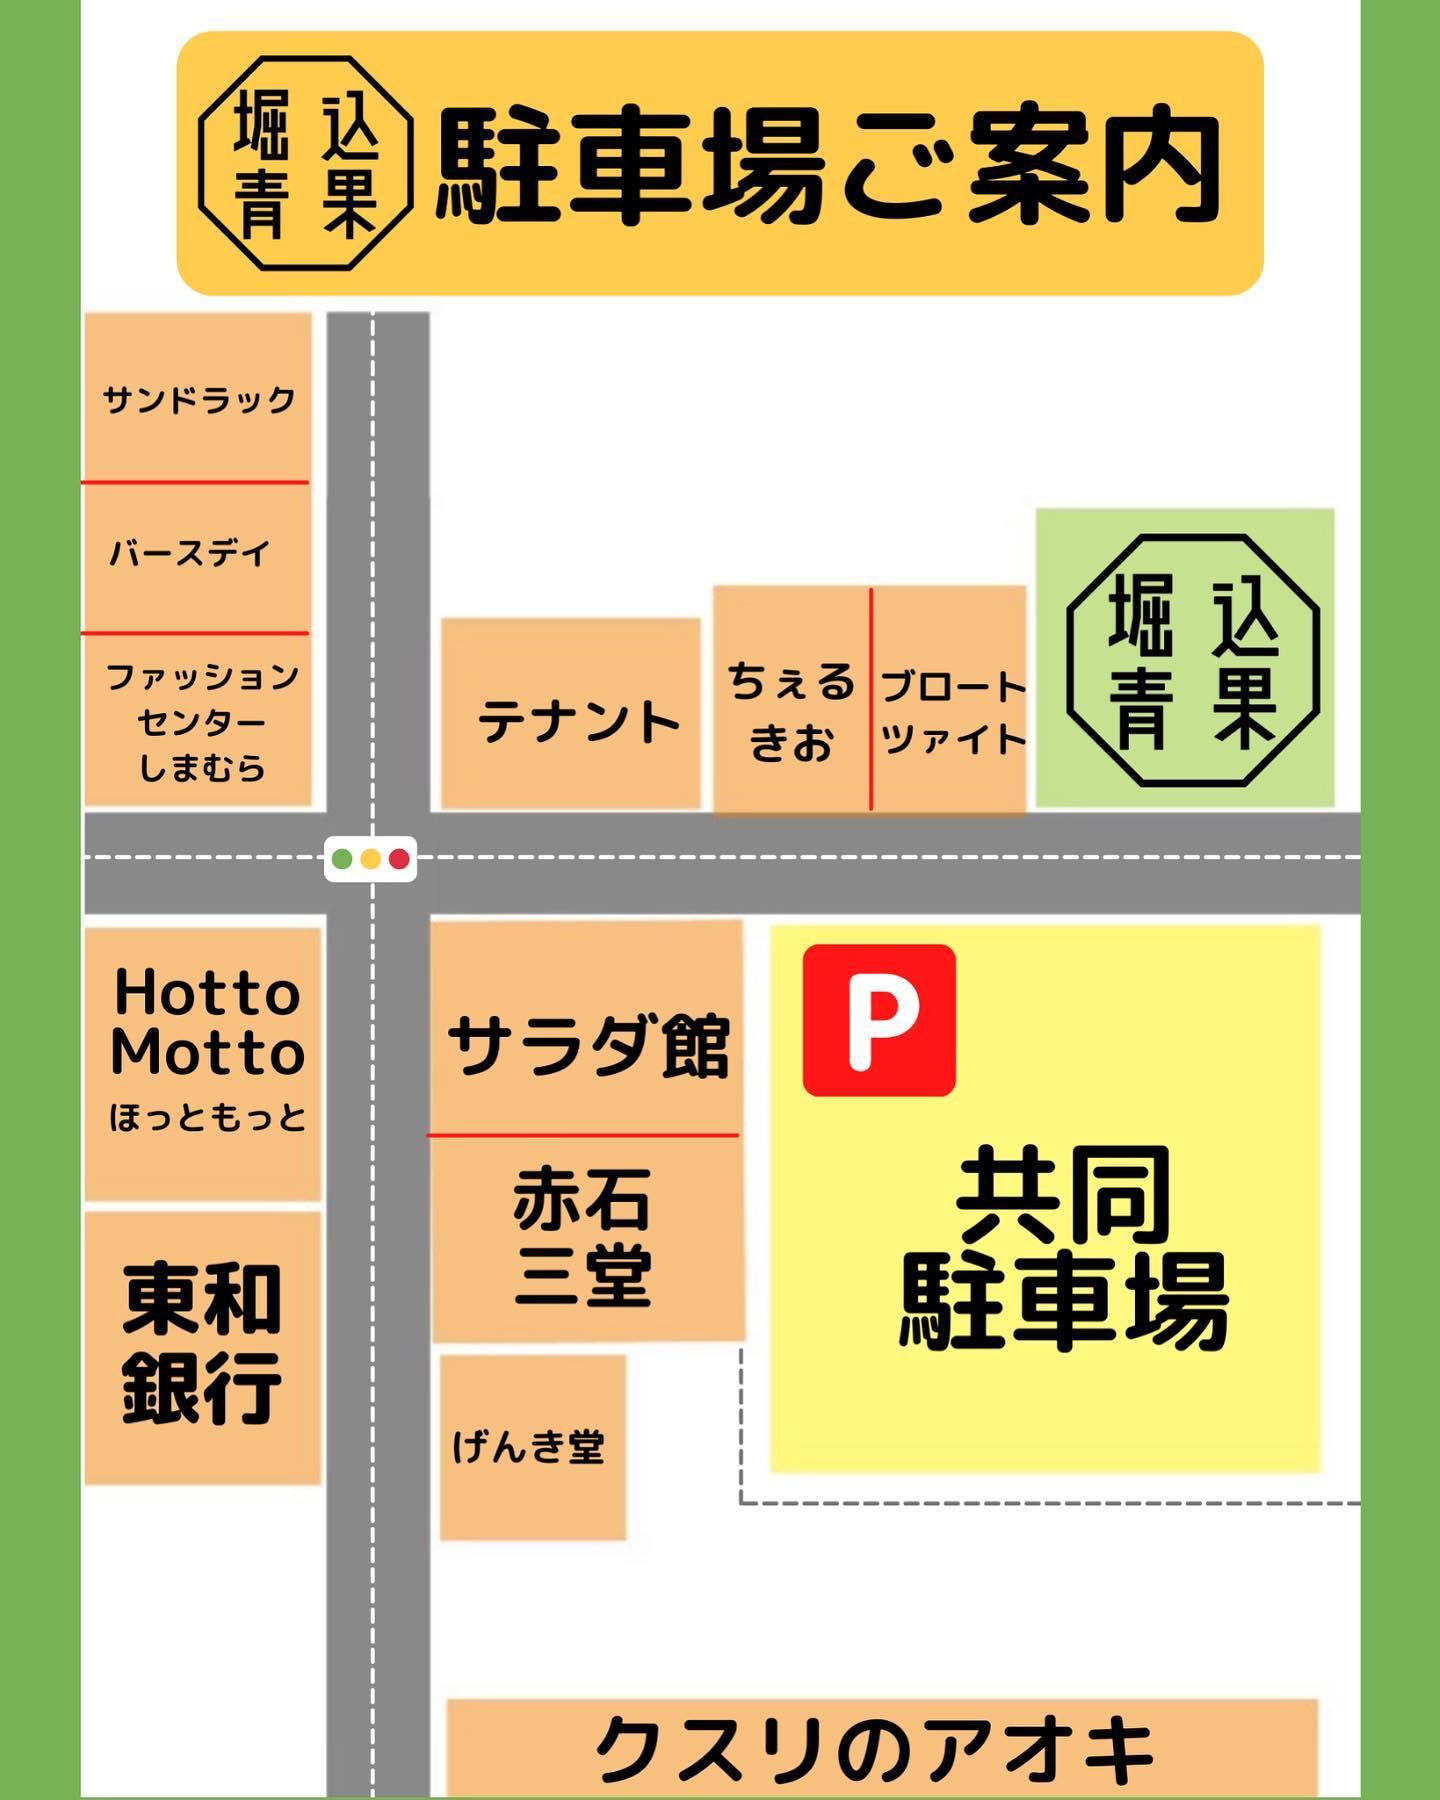 ◎駐車場案内  駐車場が分からないというご意見があったので案内図を投稿します。 当店では店舗正面の共同駐車場が駐車場となっています。  #フルーツサンド #八百屋のフルーツサンド